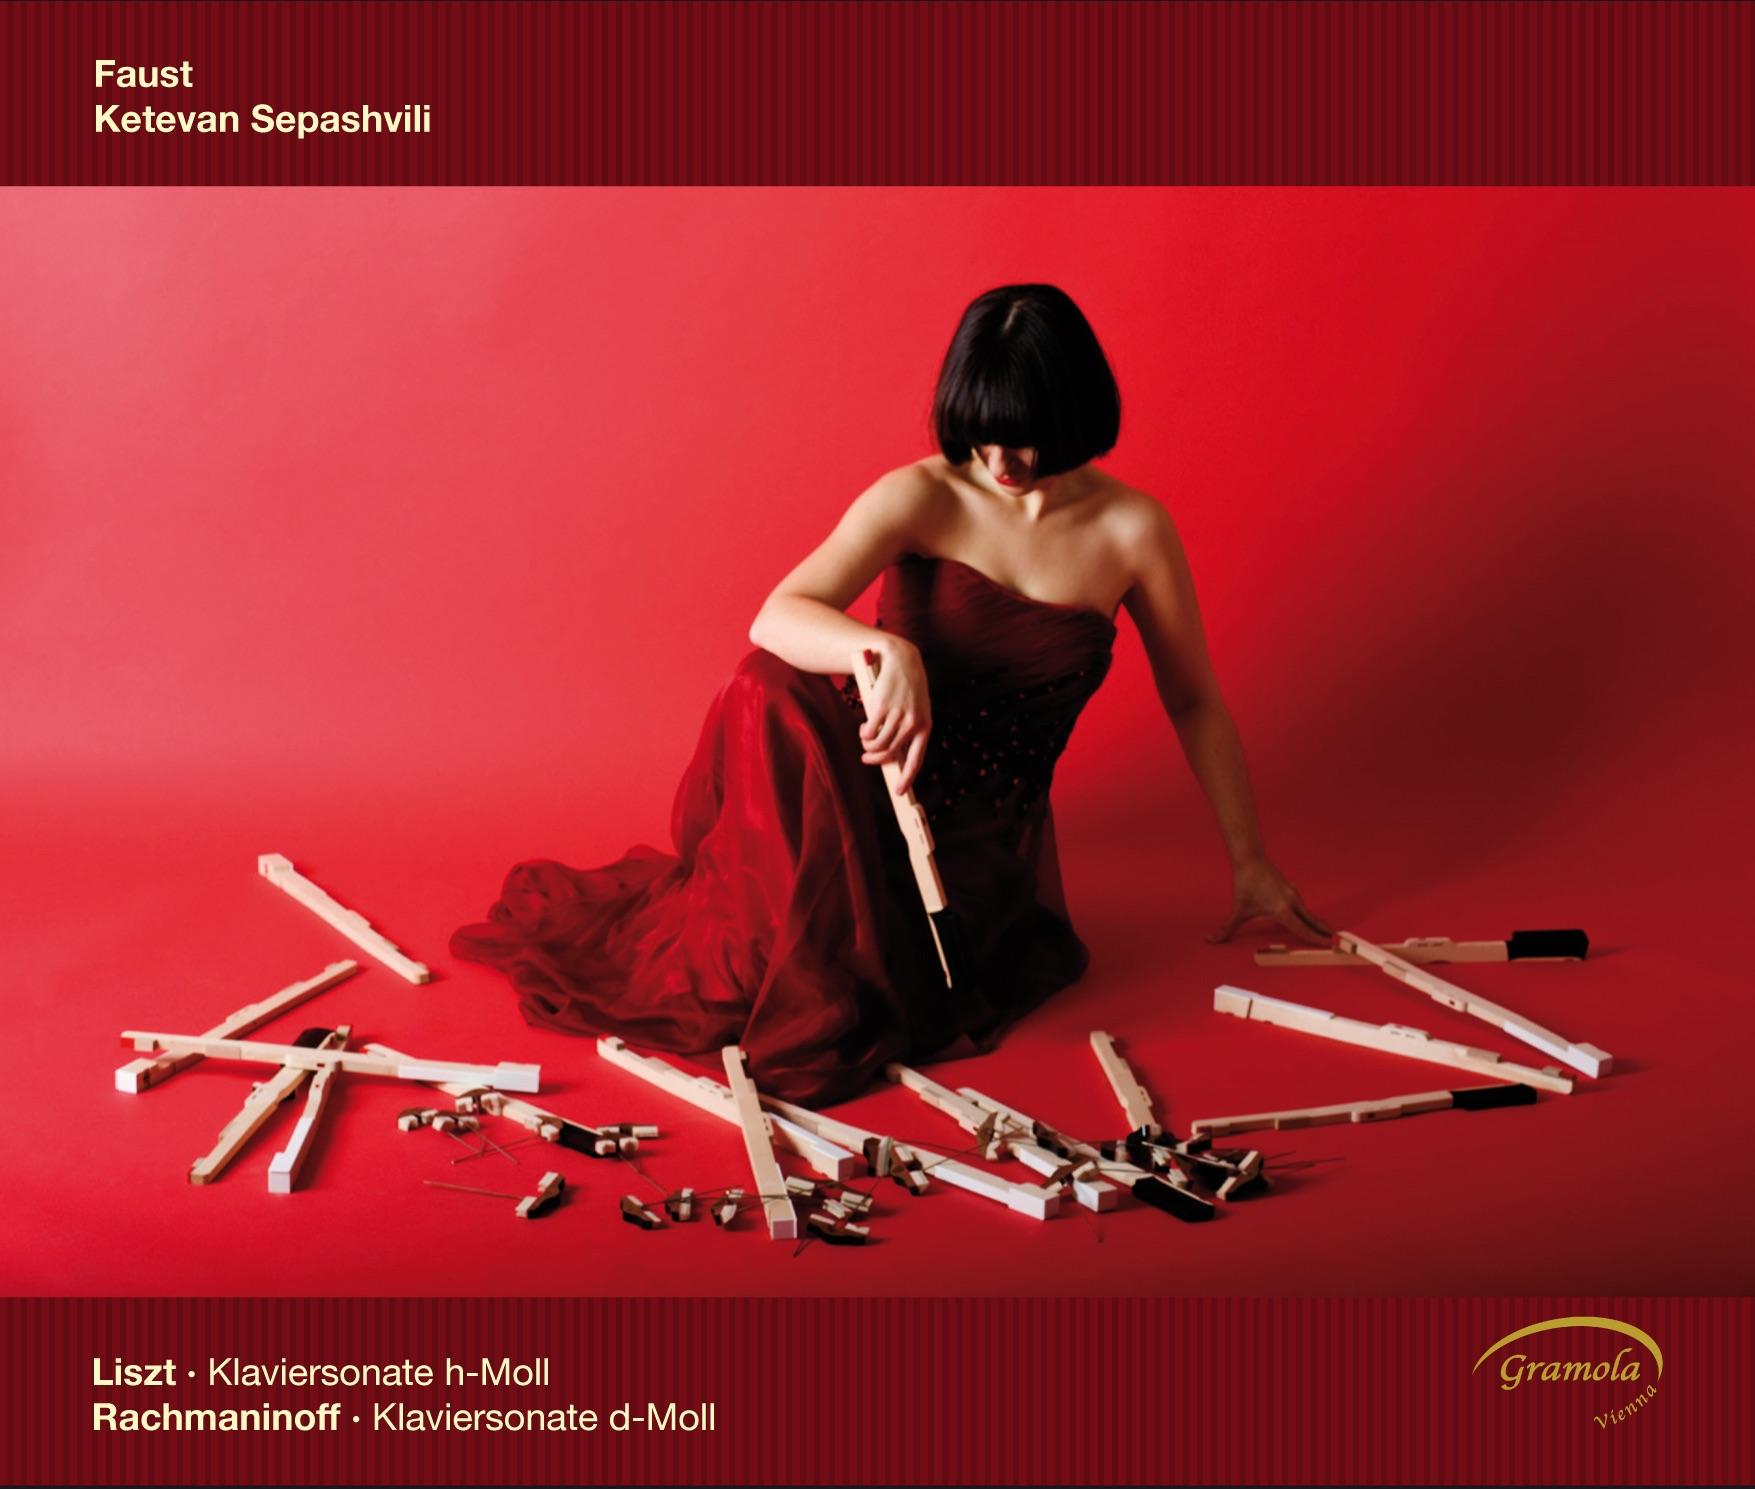 Piano Sonata No. 1 in D minor, Op. 28: I. Allegro moderato